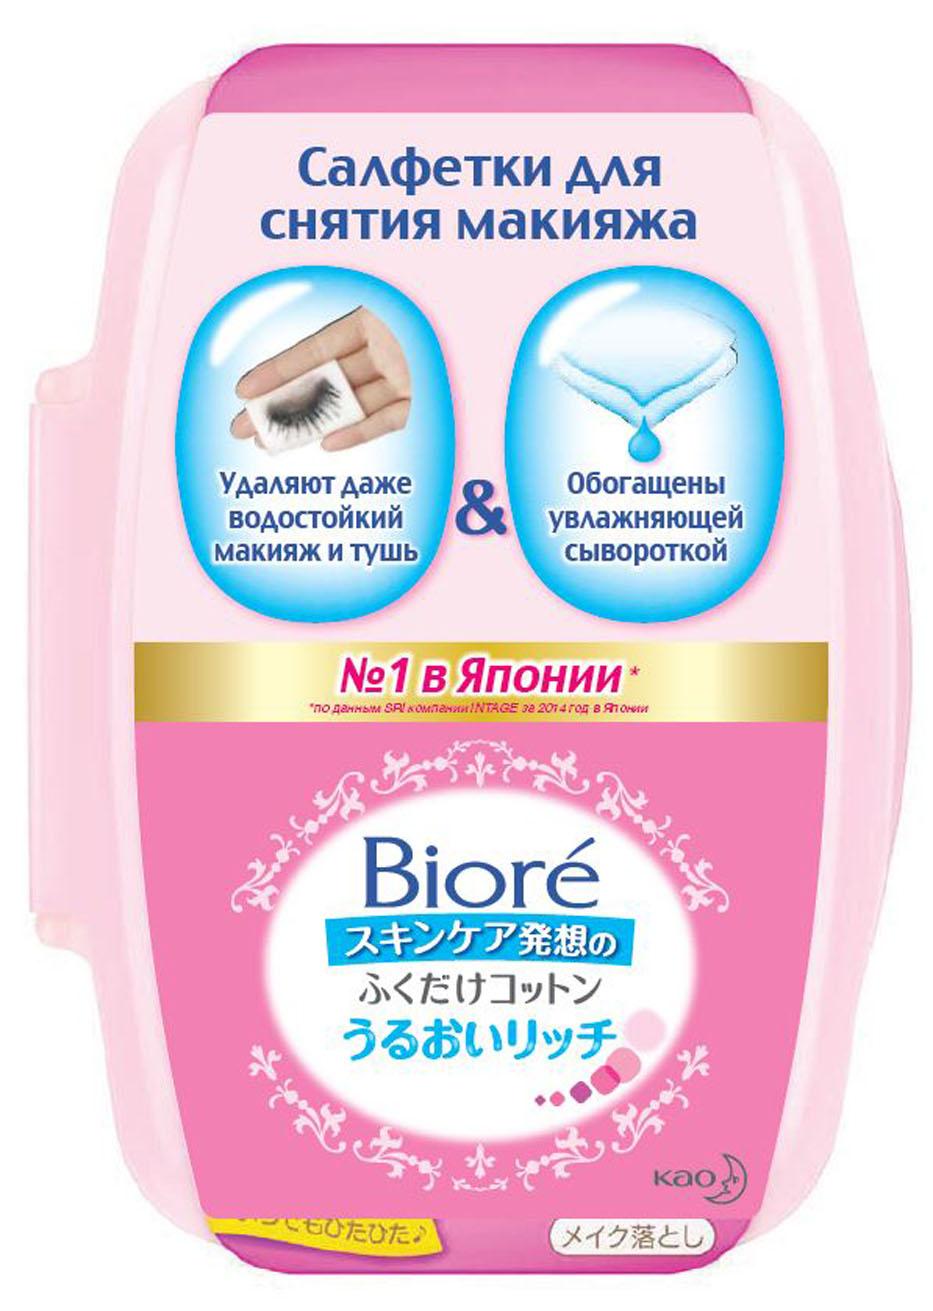 Biore Салфетки для снятия макияжа 44 шт39661005Возьмите пропитанную салфетку и бережно протрите кожу. Быстро и эффективно уладяет макияж и другие загрязнения. Салфетки, пропитанные увлажняющей сывороткой, очищают и освежают кожу, сохраняя ее увлажненной. Кожа увлажнена на всю ночь без применения кремов. Подходят для всех типов кожи. Гипоаллергенны. Удаляют водостойкий макияж и тушь, особенны удобны, когда вы устали. Салфетки незаменимы в путешествиях. Герметичный бокс предотвращает их высыхание . Материал гладкий, мягкий, плотный. ПРОПИТКА насыщенная. Внутренний слой из целлюлозы удерживает большое количество сыворотки – 4,0 грамма, делает салфетку плотной, внешние слои из хлопка создают гладкую поверхность. ЗАПАХ легкий, не раздражающий. Не содержат спирта и искусственных красителей, что очень важно для кожи. Для Вас доступны сменные блоки в эко-упаковке.